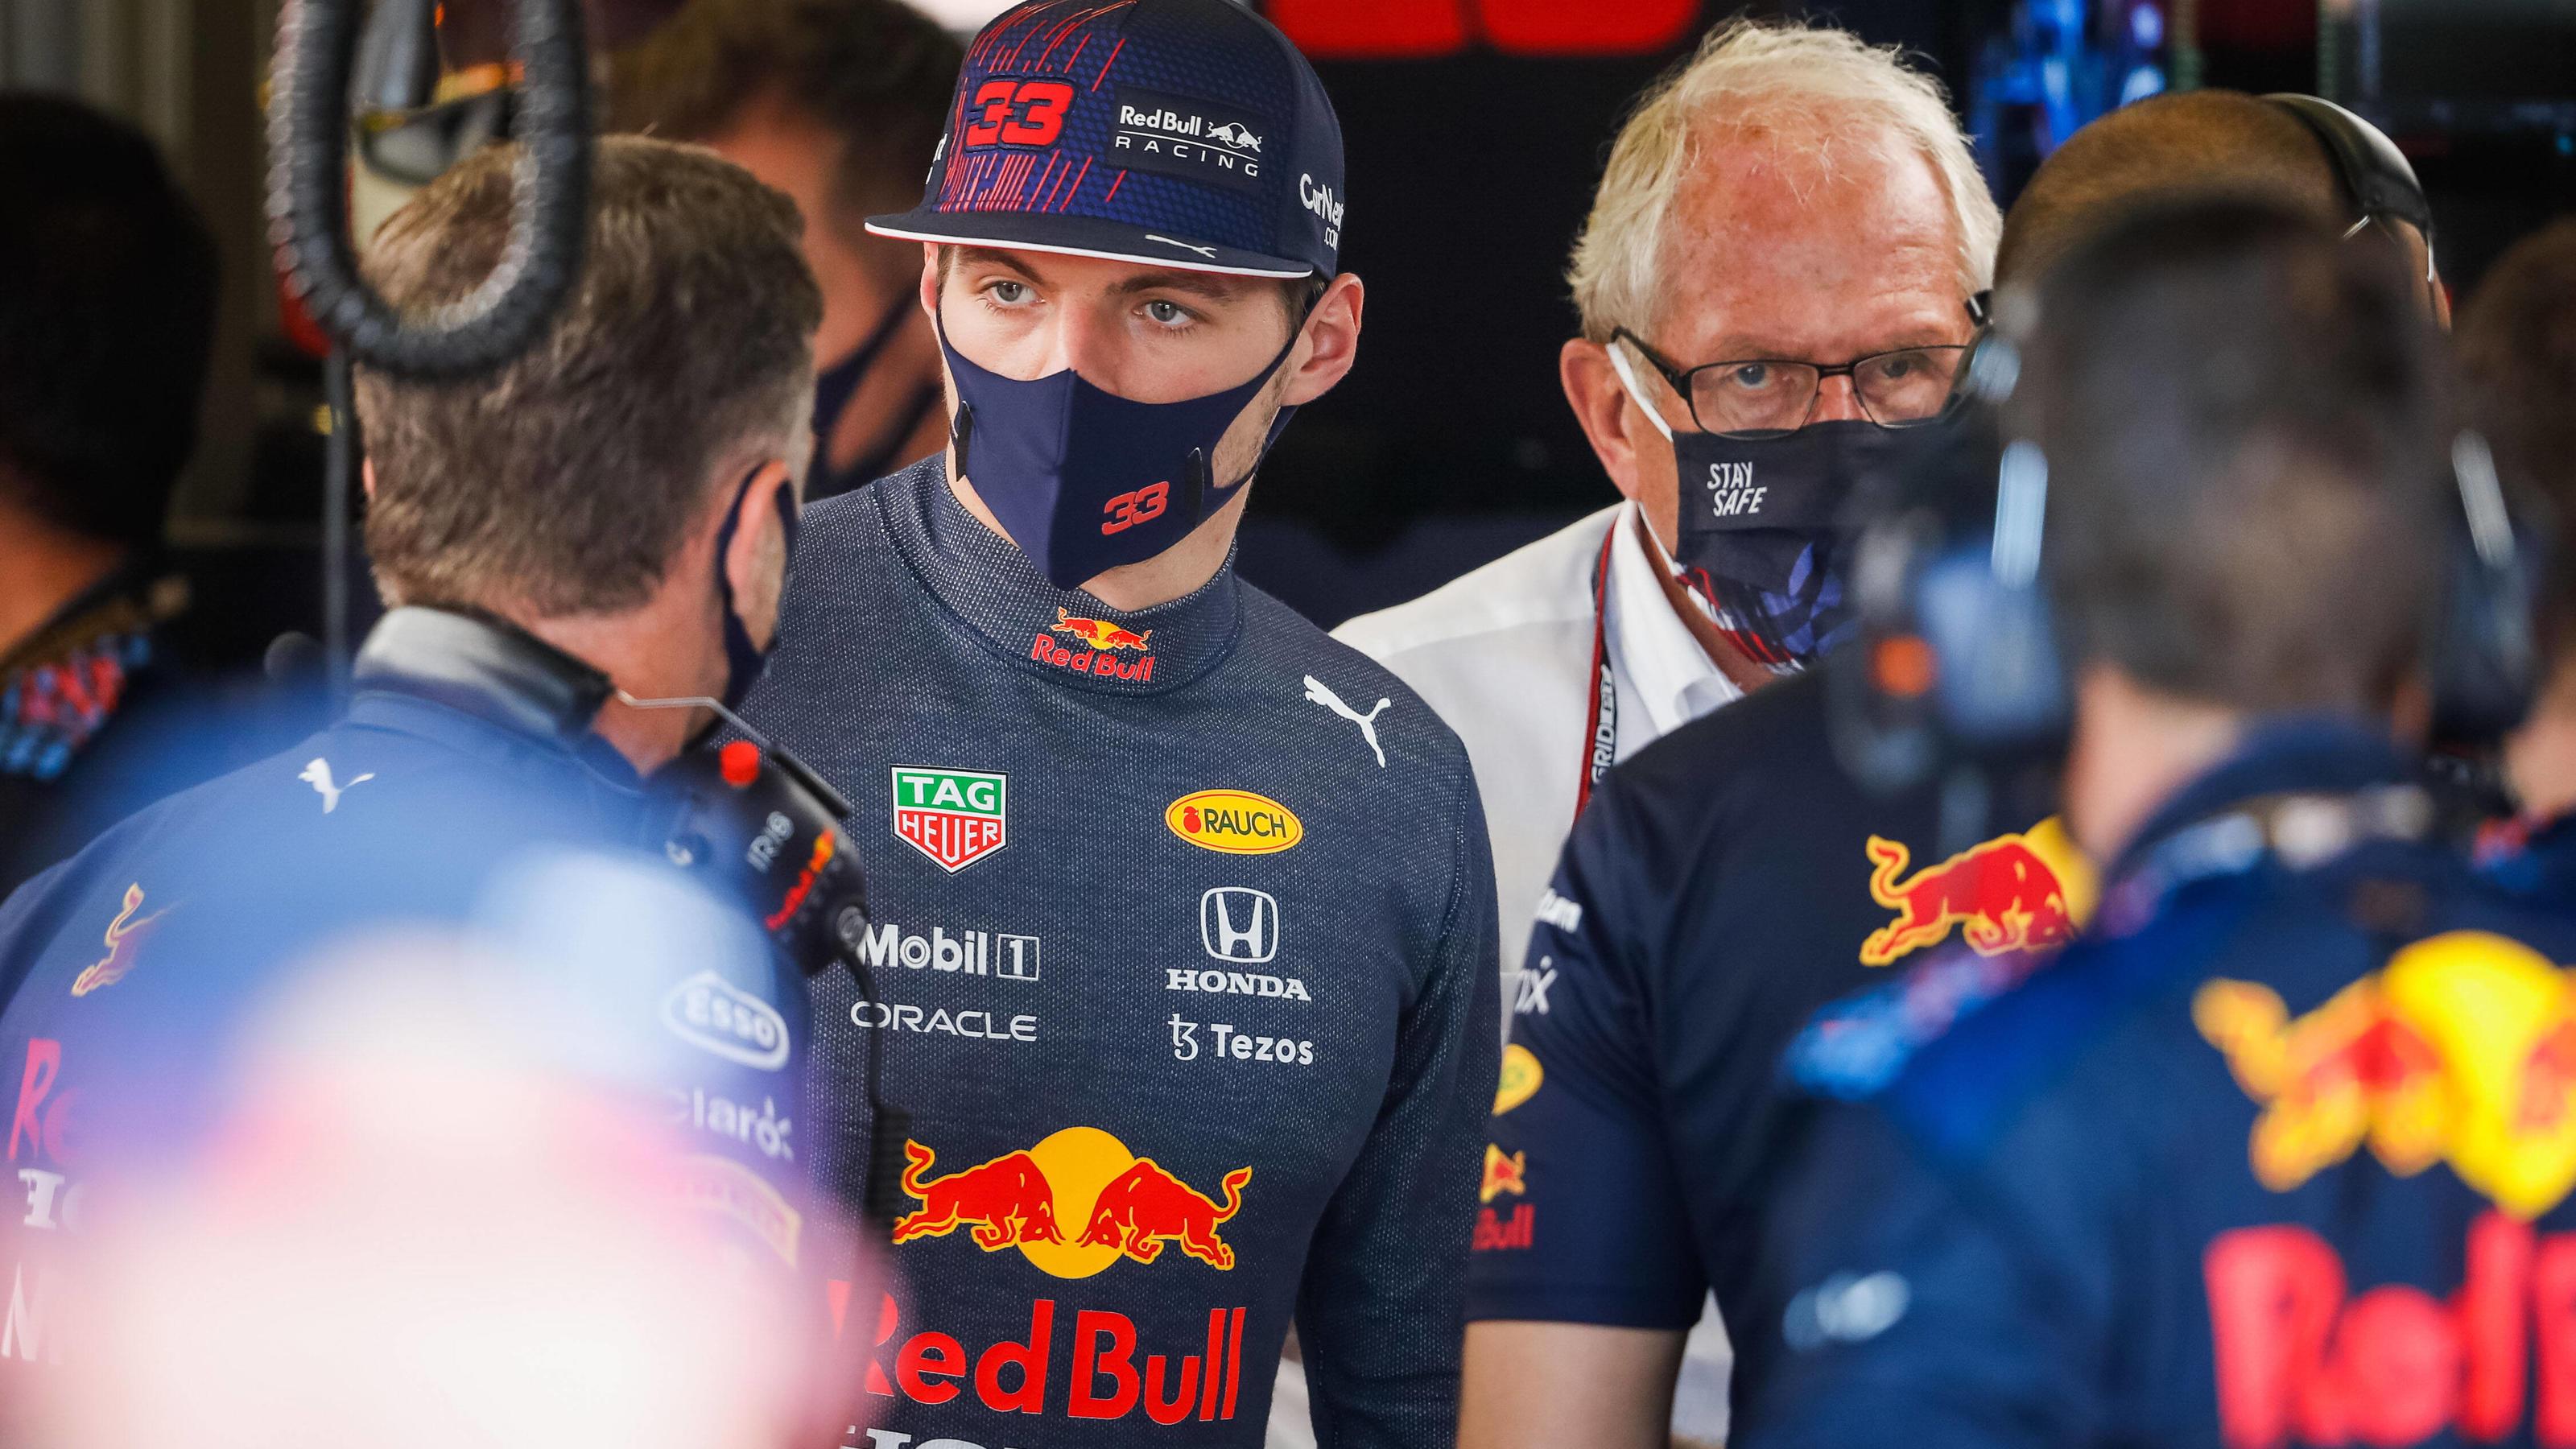 """Formel 1: Bei FIA krachend gescheitert - die seltsamen """"Beweise"""" von Red Bull gegen Mercedes"""